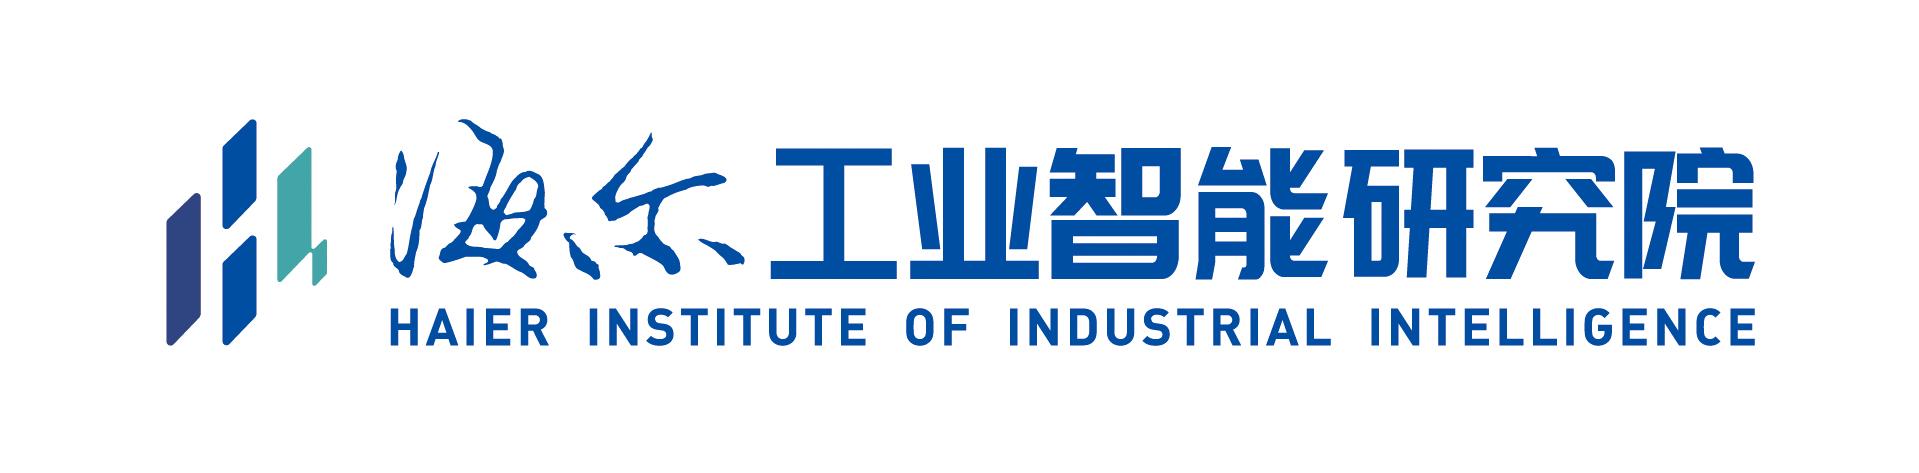 """青岛海尔工业智能研究院有限公司参评""""维科杯·OFweek 2020中国机器人行业优秀应用案例奖"""""""